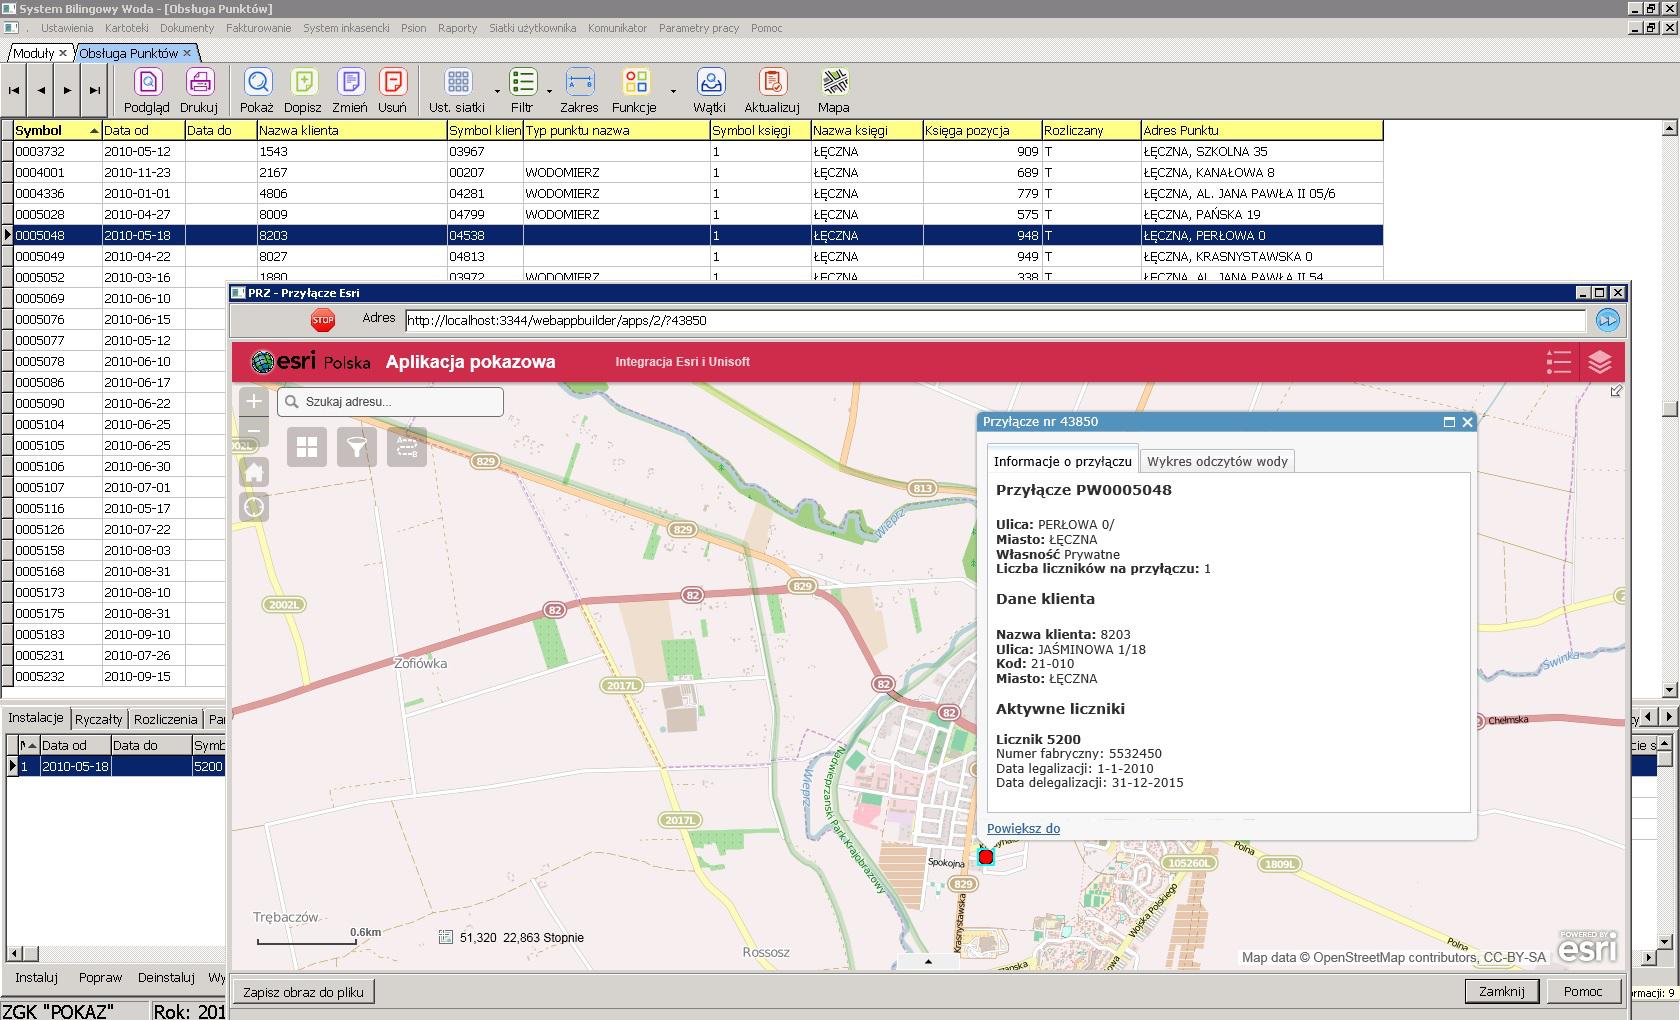 Rys. 2 System bilingowy WODA – mapa systemu GEOSECMA dostępna z poziomu ZSI Unisoft